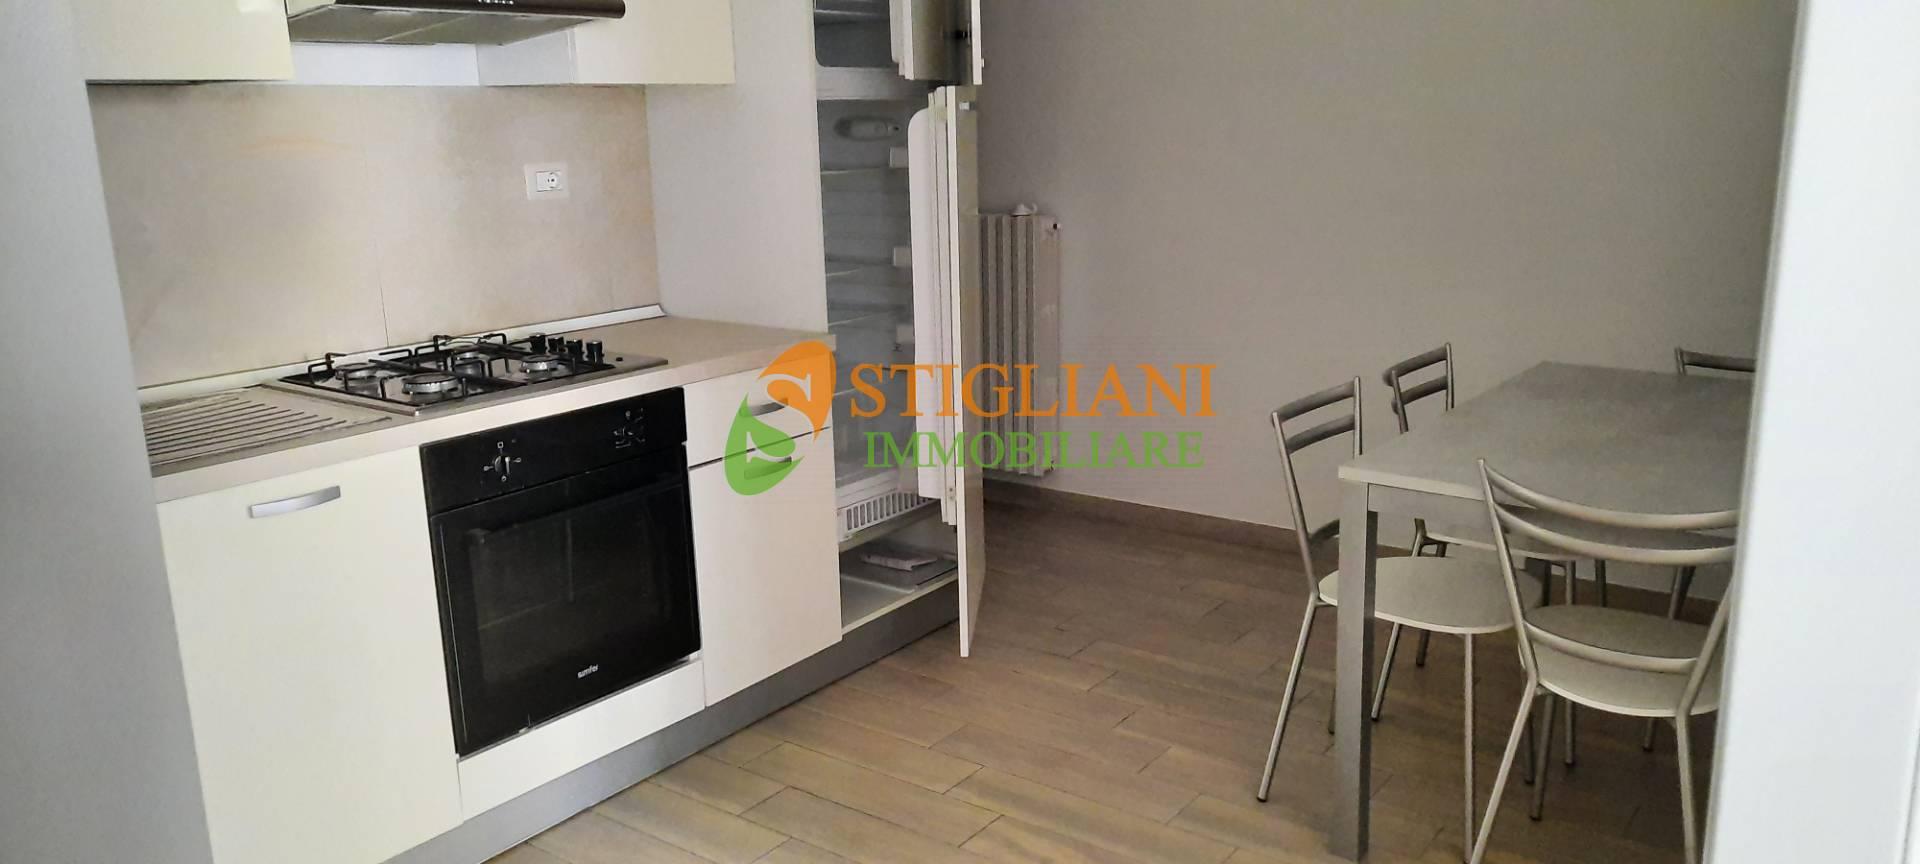 Appartamento in affitto a Campobasso, 3 locali, zona Zona: Centro, prezzo € 430   CambioCasa.it